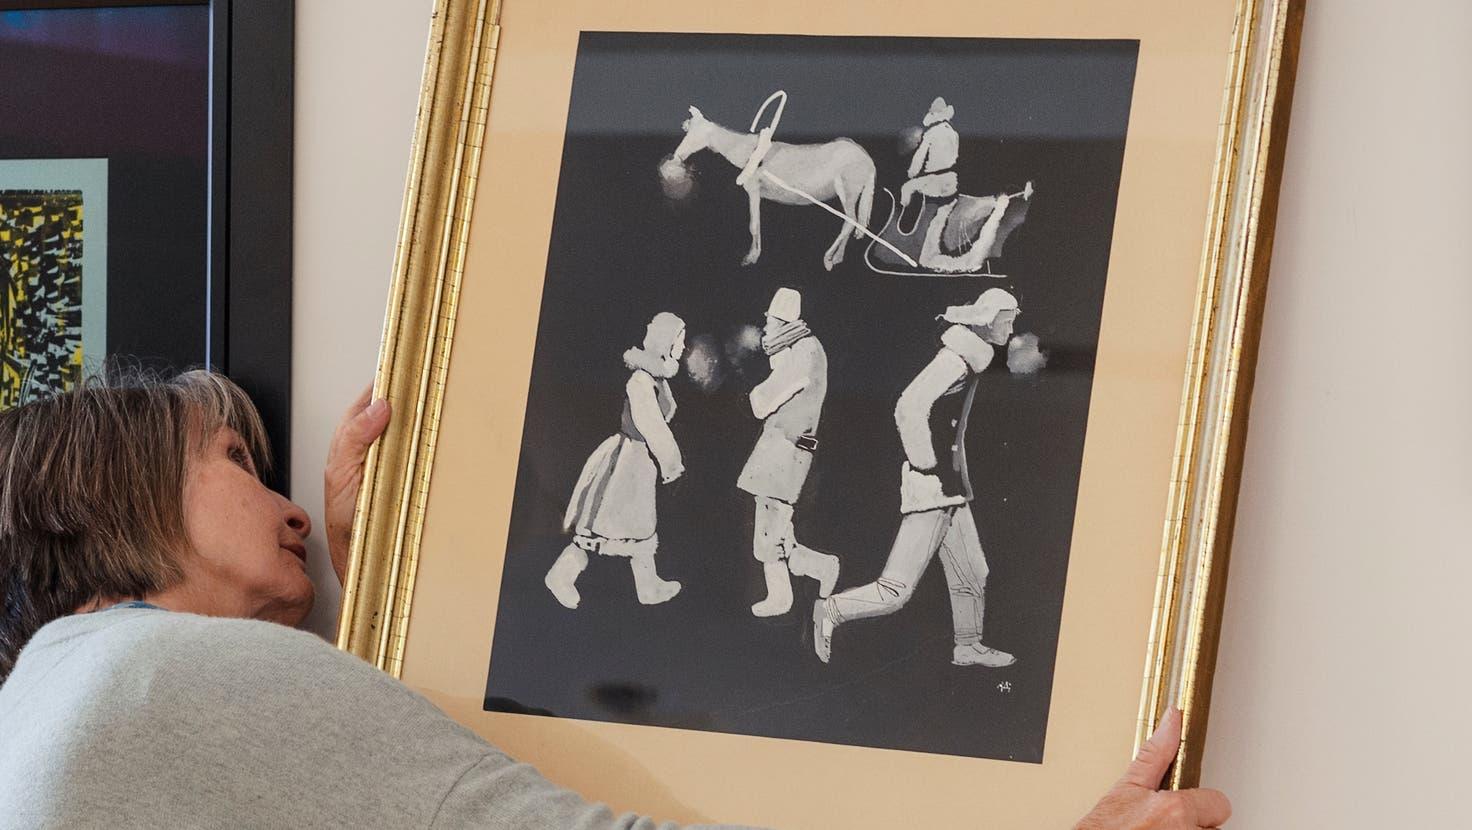 Das Gemälde «Frost» von Aleksandr Dejneka wird von einer Angestellten der GalerieGloggneraufgehängt. Ausgeführt wurde das Werk mit Deckweis (Gouache) und Tuschfeder auf schwarzem Papier. Seine Masse betragen 47 x 40 cm. (Bild: Dominik Wunderli (Luzern, 21.10.2021))